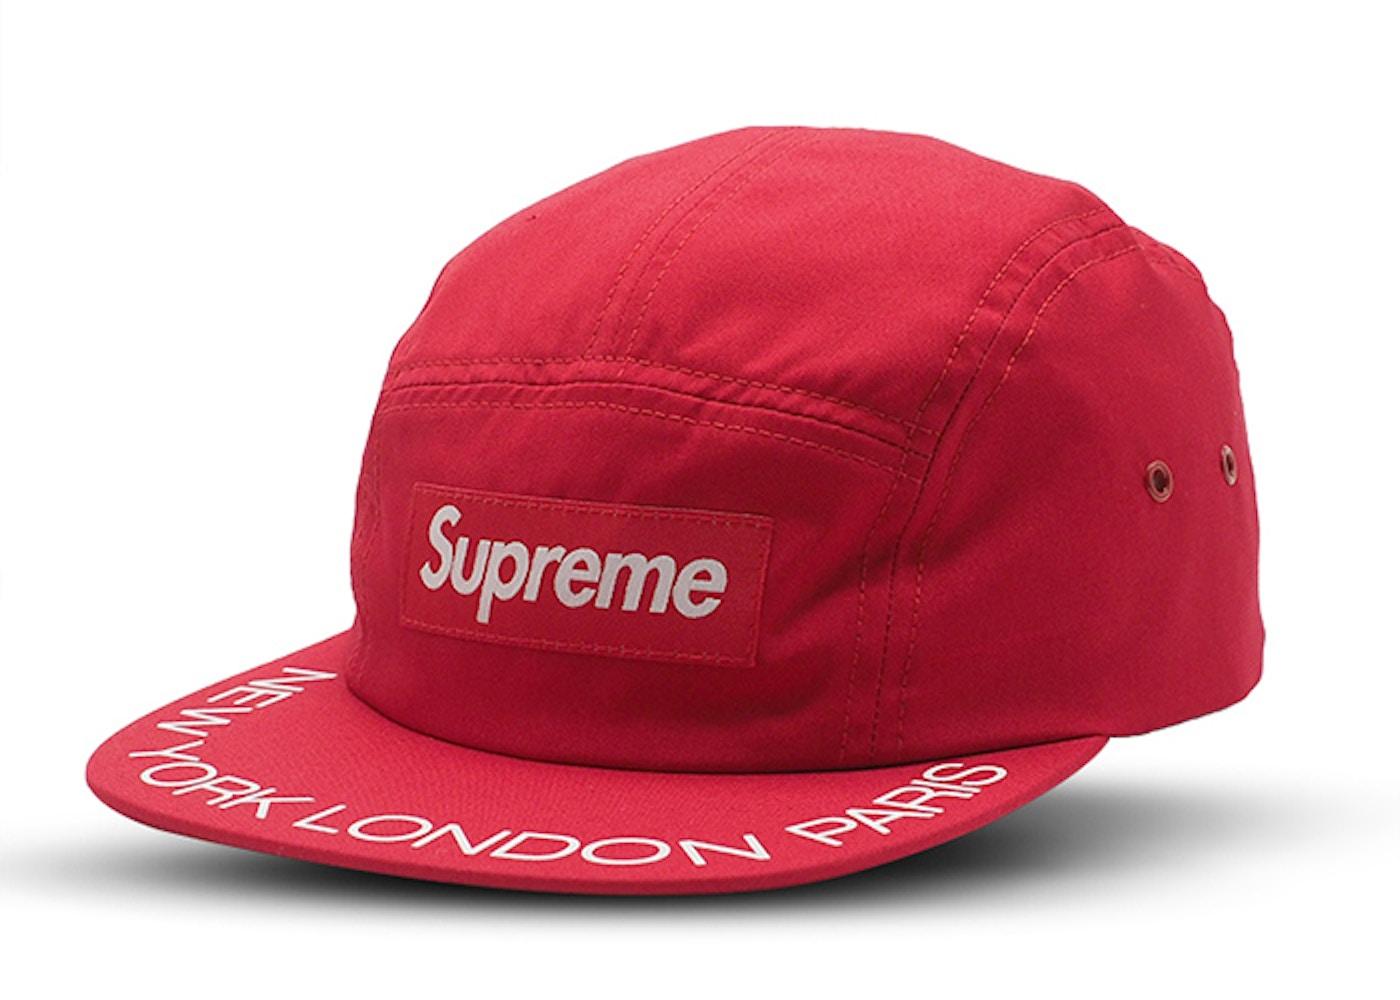 2df0e2a841e Streetwear - Supreme Headwear - Volatility